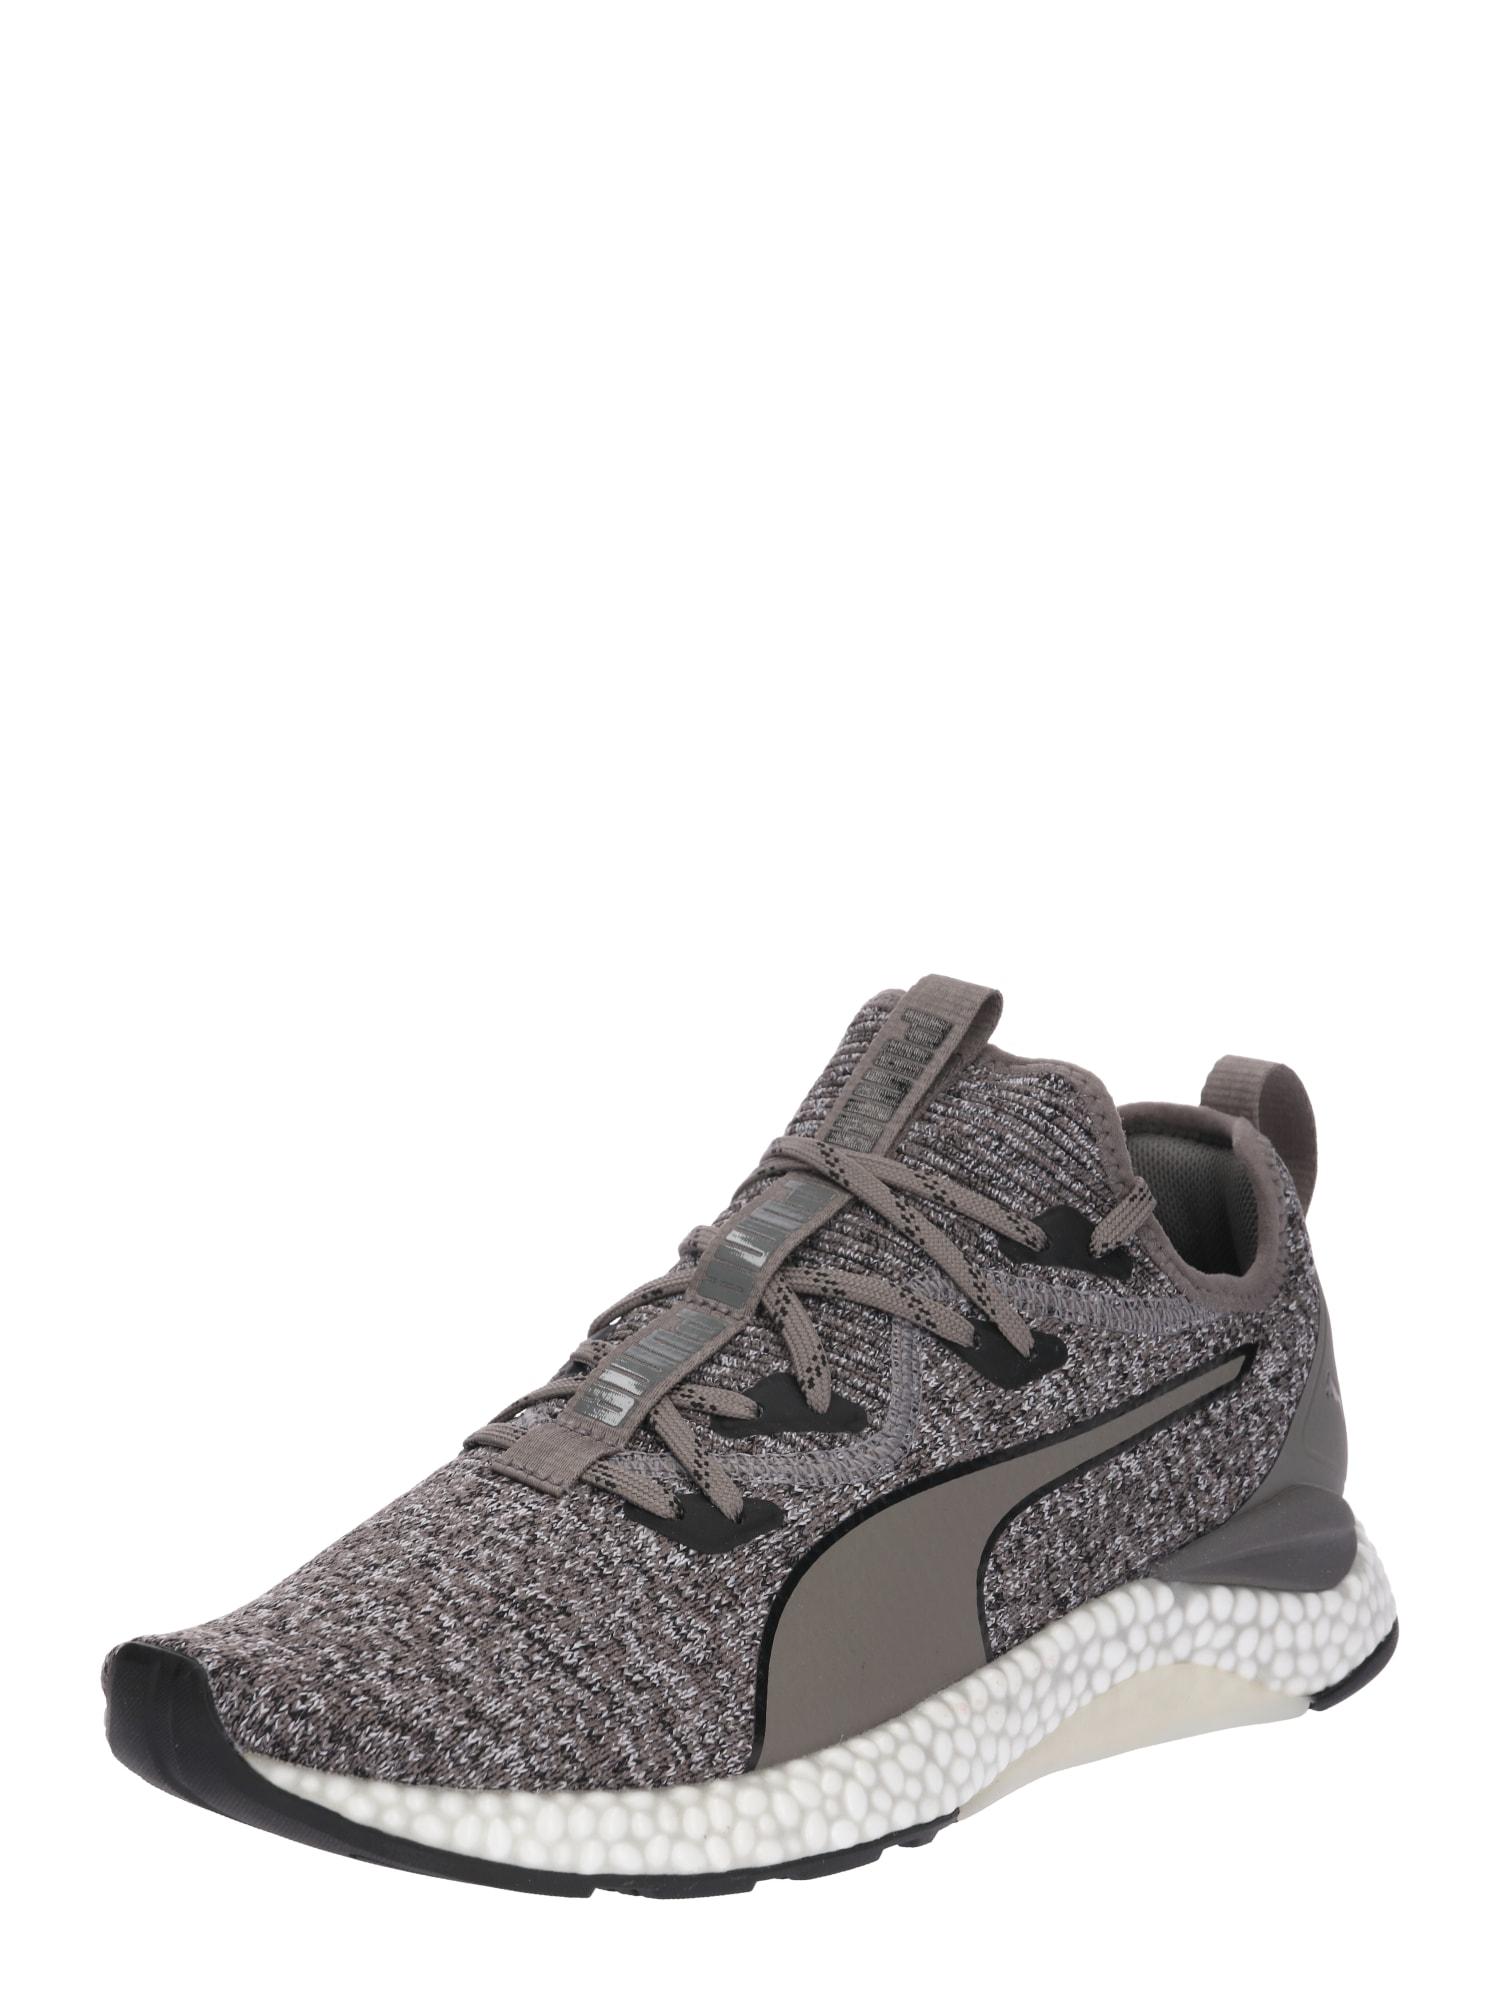 Běžecká obuv Hybrid šedá bílá PUMA